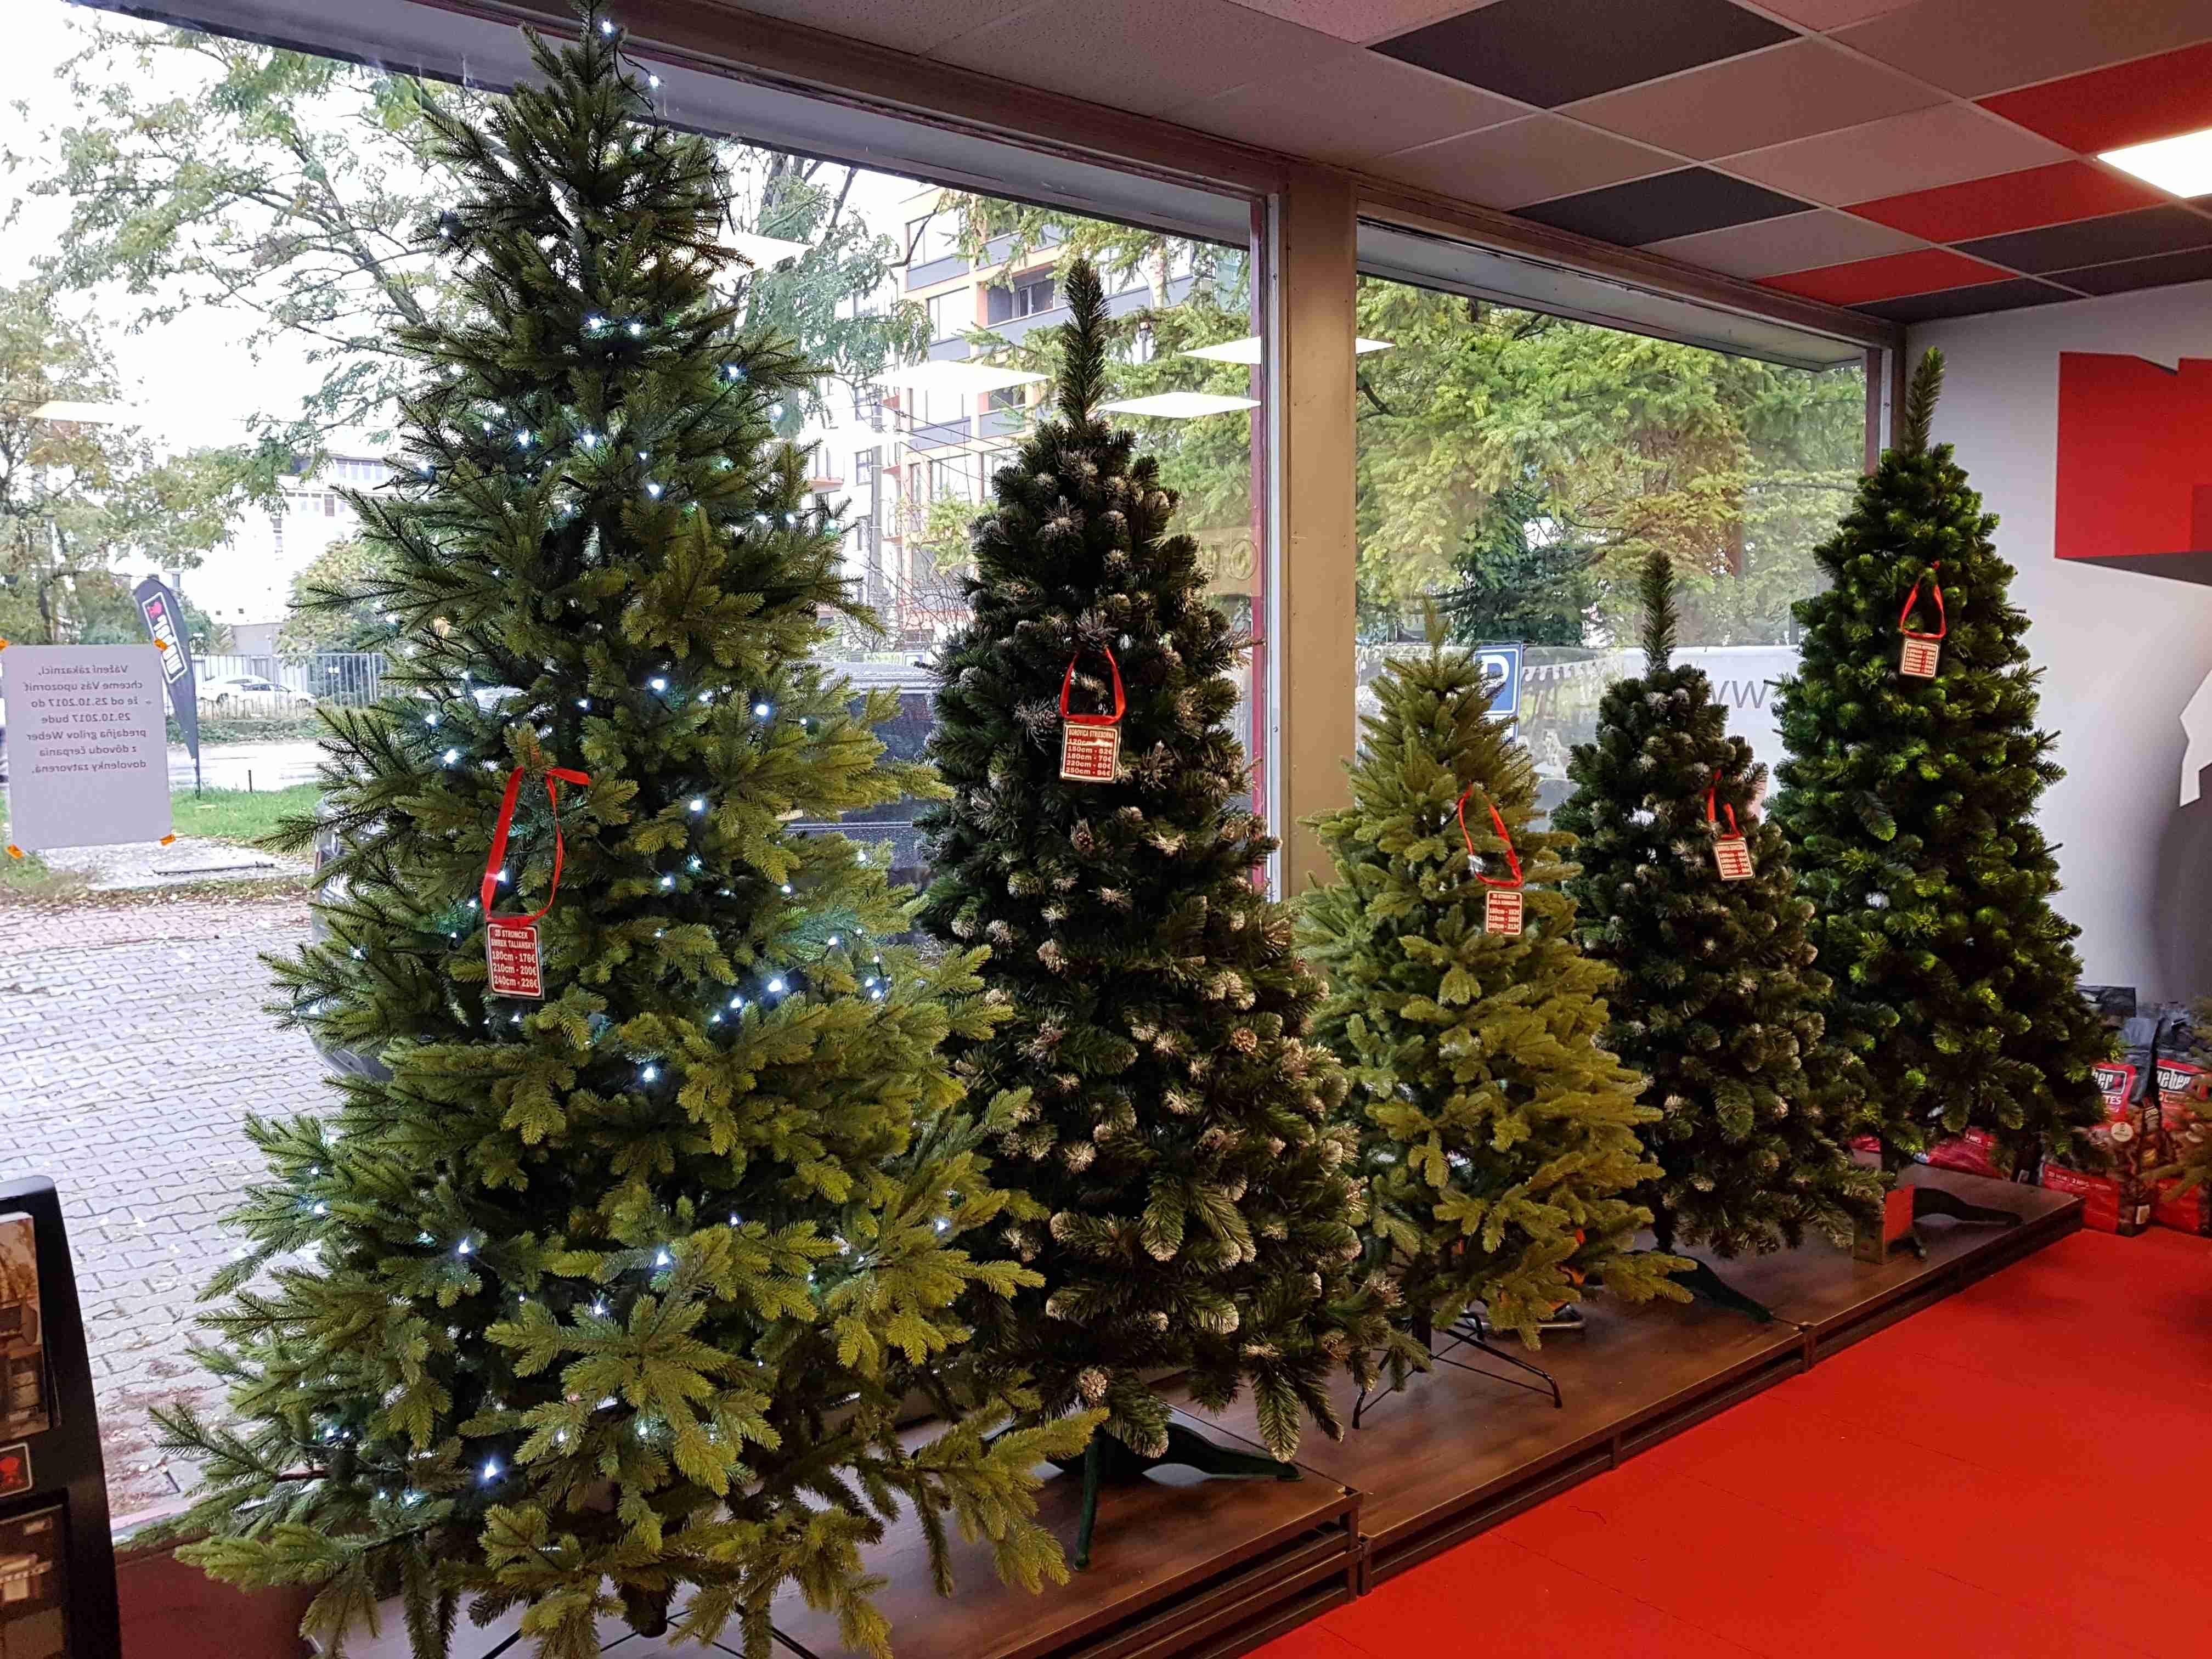 de157d3bcb8c Vianočné stromčeky Bratislava  Máme pre vás skvelý tip!